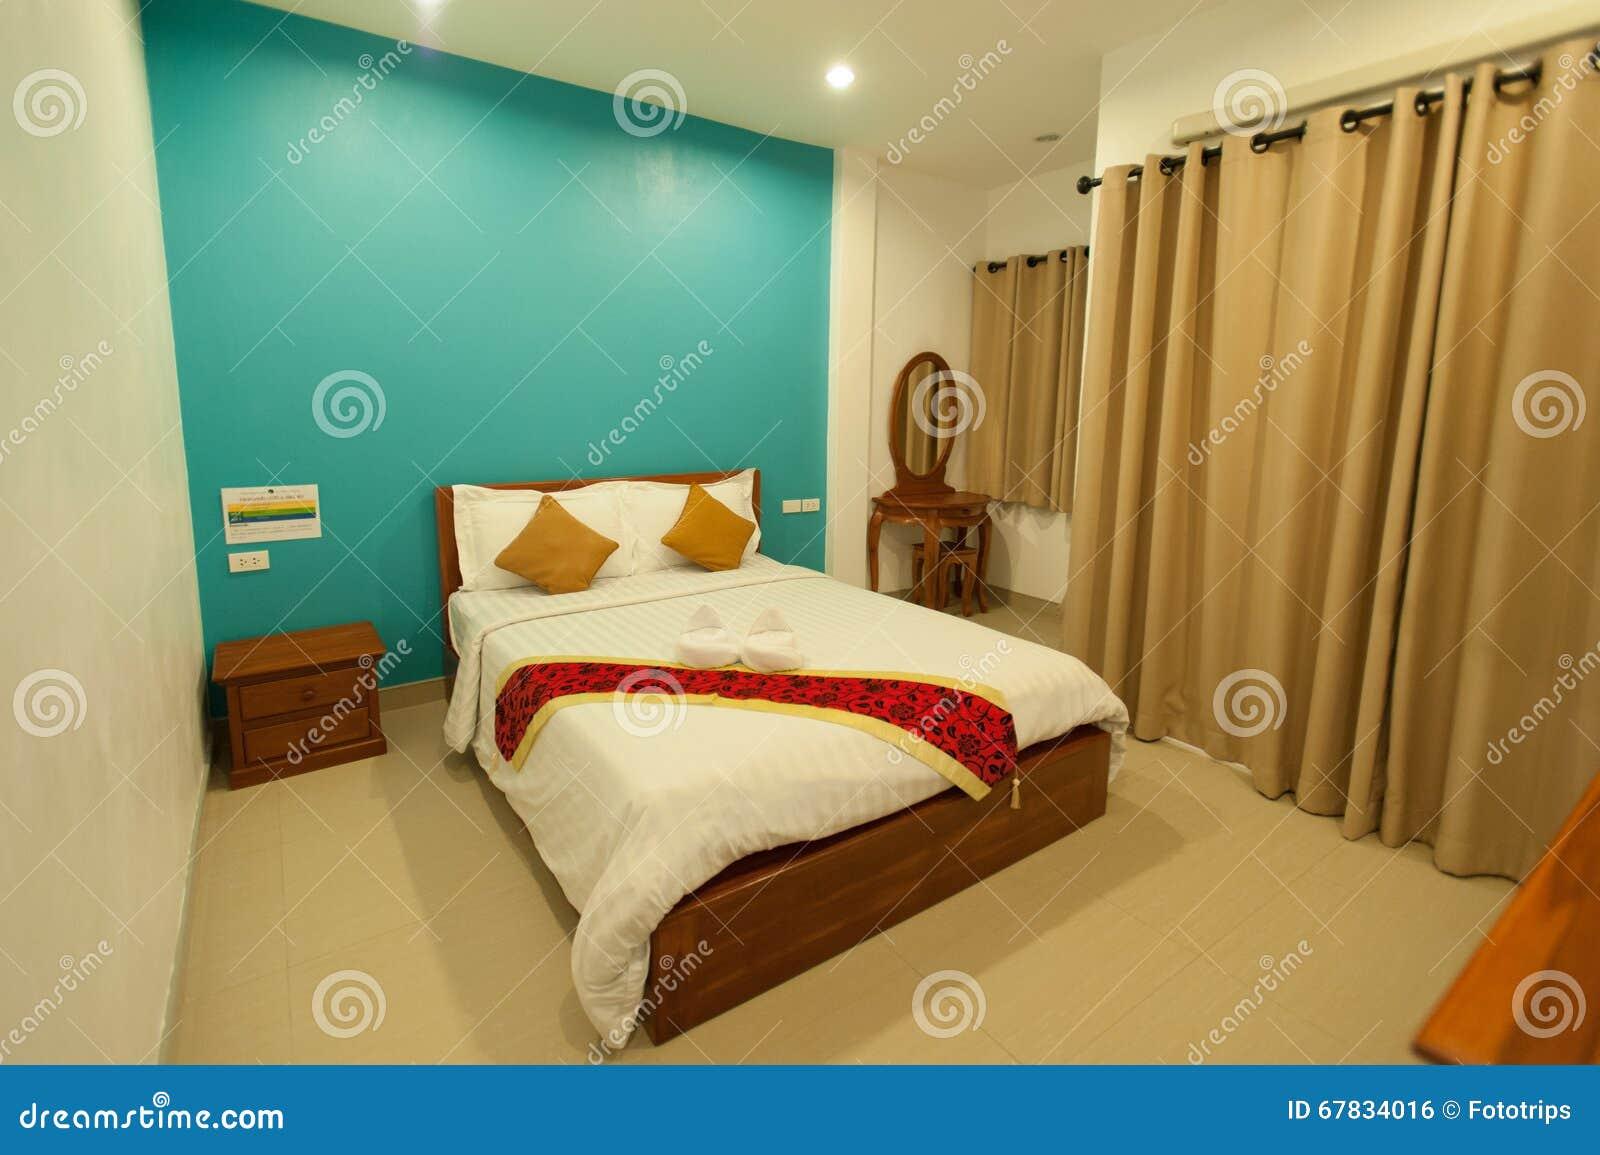 Moderne Slaapkamer Ontwerpen : Binnenlands ontwerp grote moderne slaapkamer stock foto